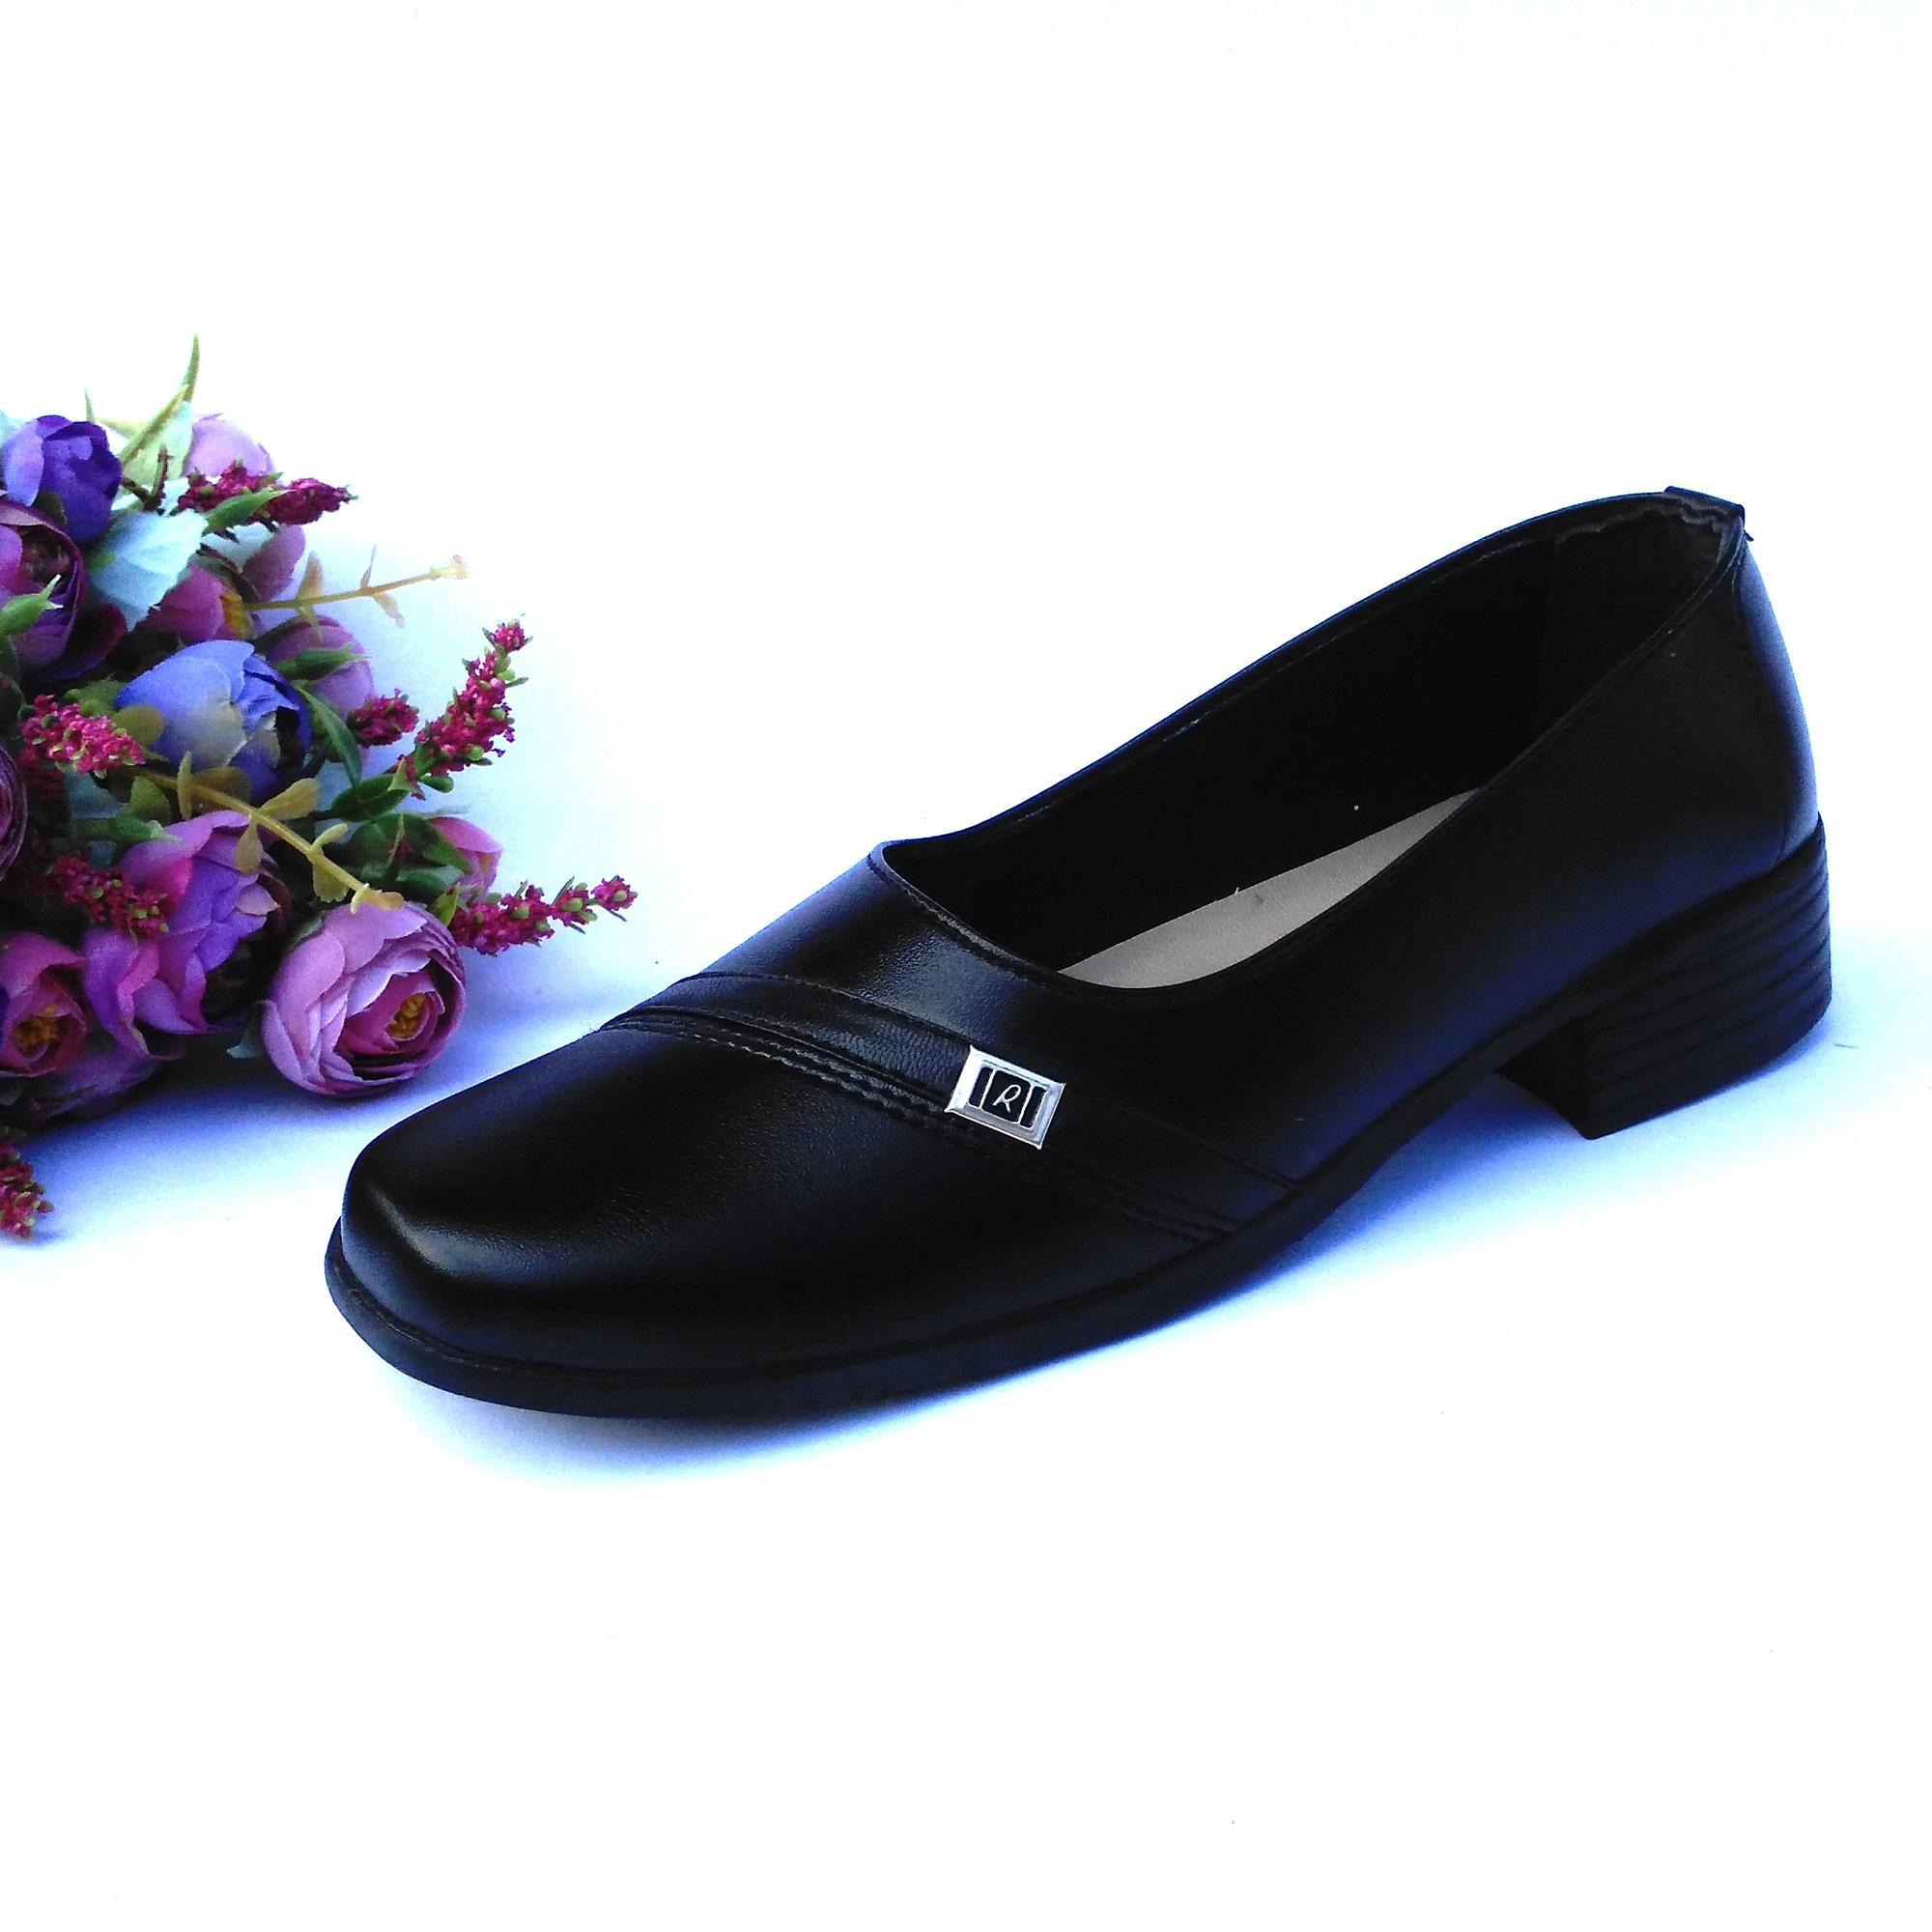 HQo Sepatu Pantofel Wanita Sepatu Wanita Formal Sepatu Pantofel Paskibra Wanita Bertali Sepatu